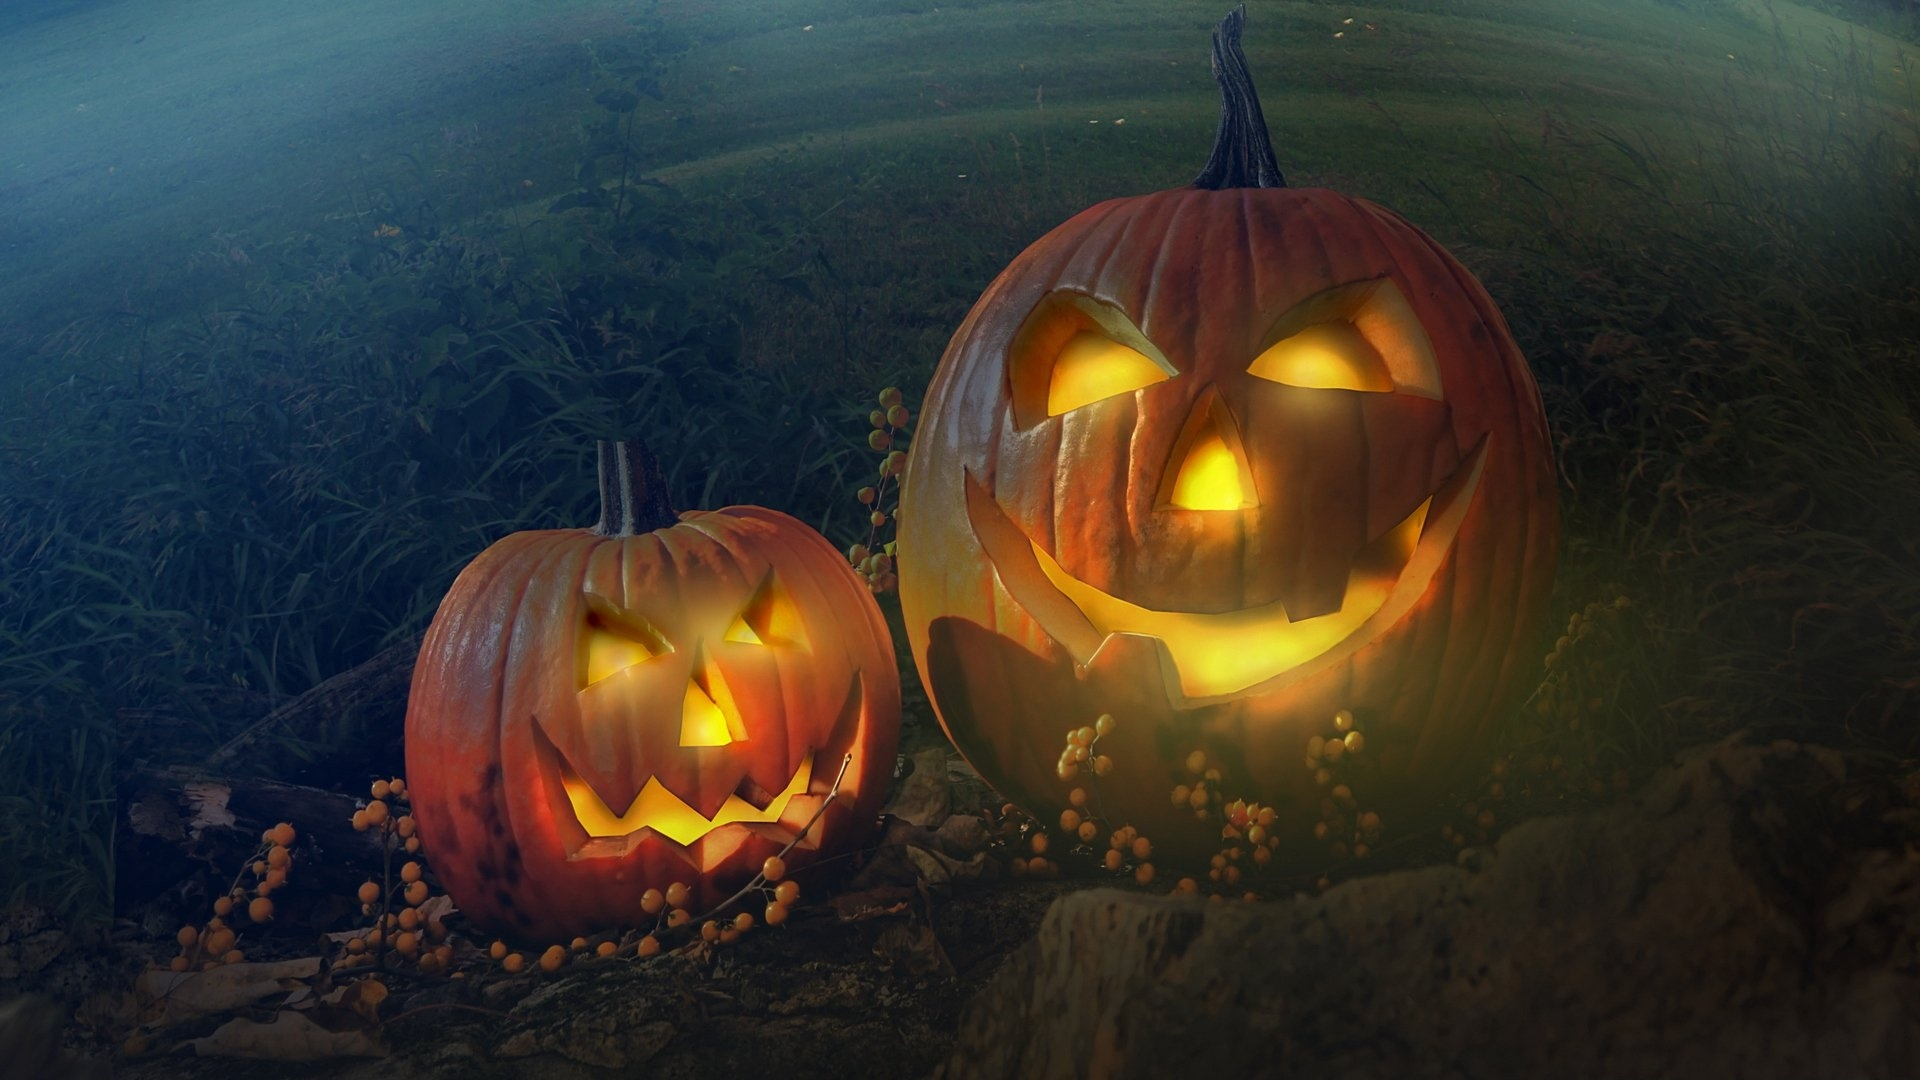 Halloween Pumpkin a wallpaper